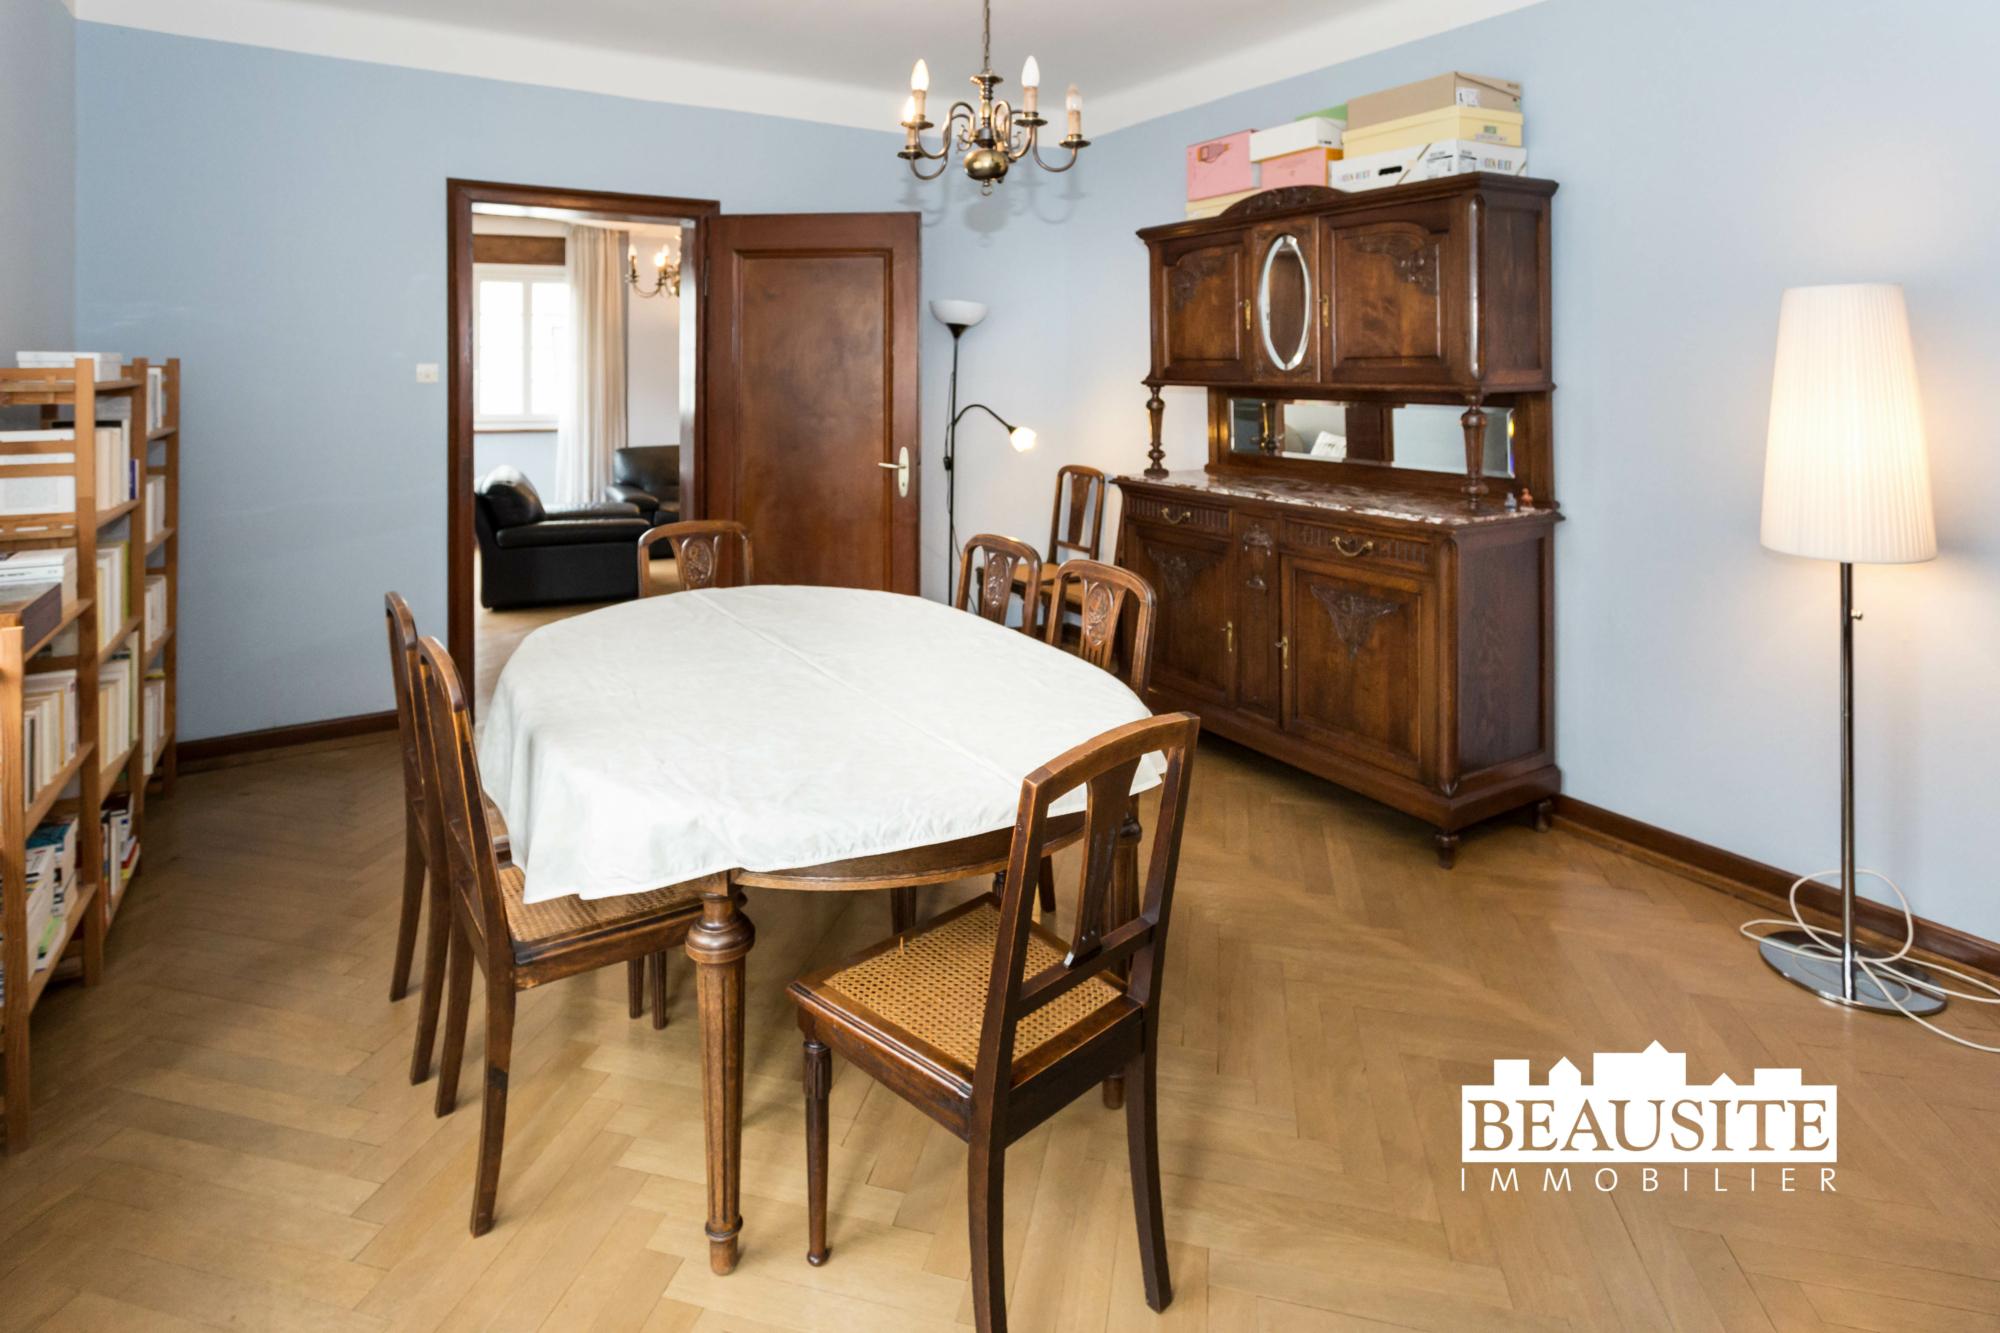 [Paquebot] Accostez dans un appartement à la vue sur la Cathédrale - Halles / rue de Bouxwiller - nos ventes - Beausite Immobilier 5